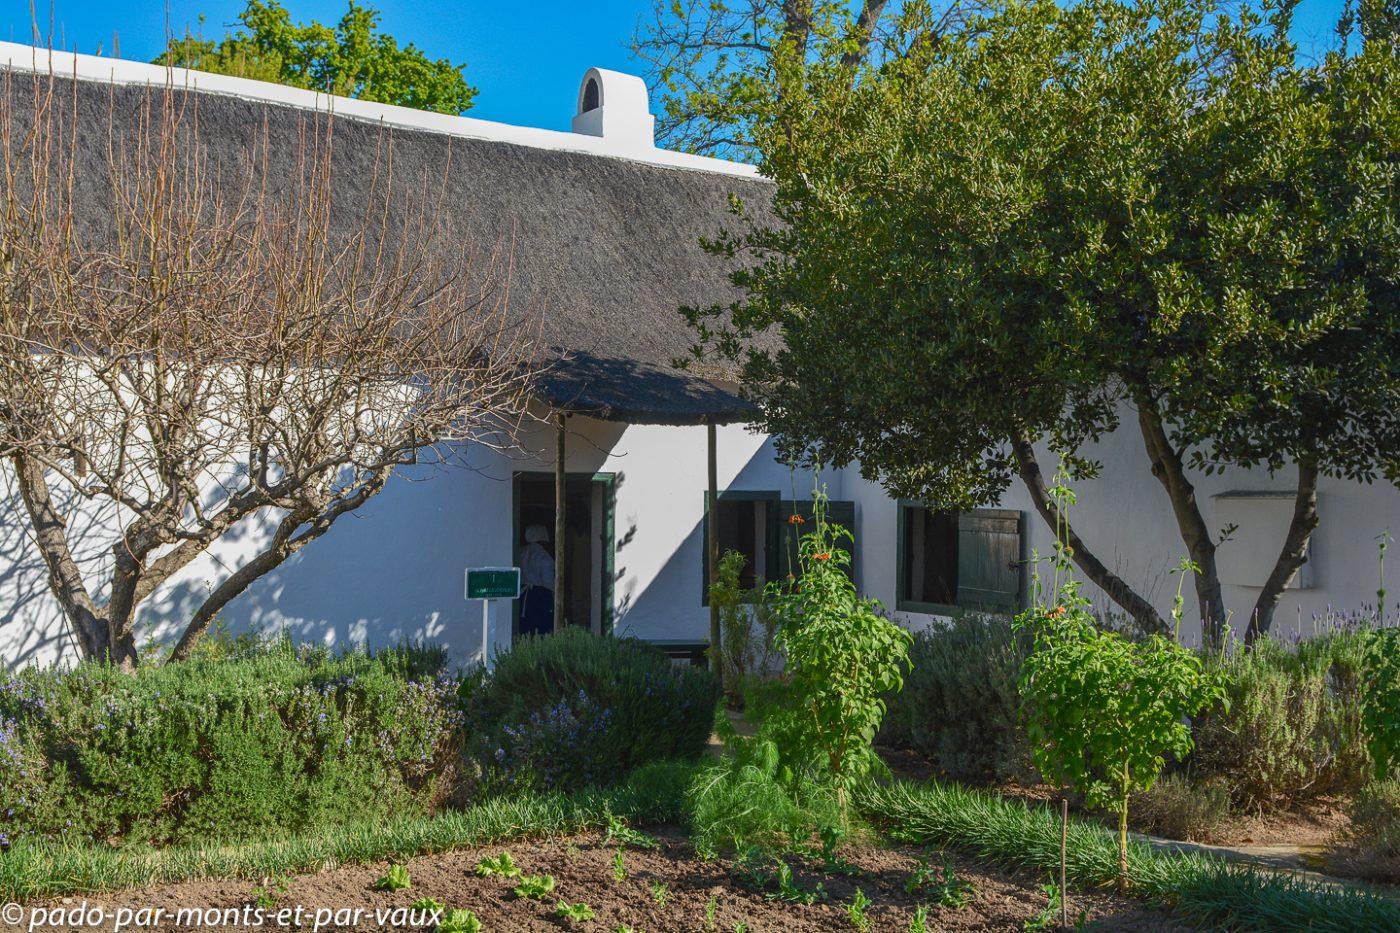 Stellenbosch - village museum